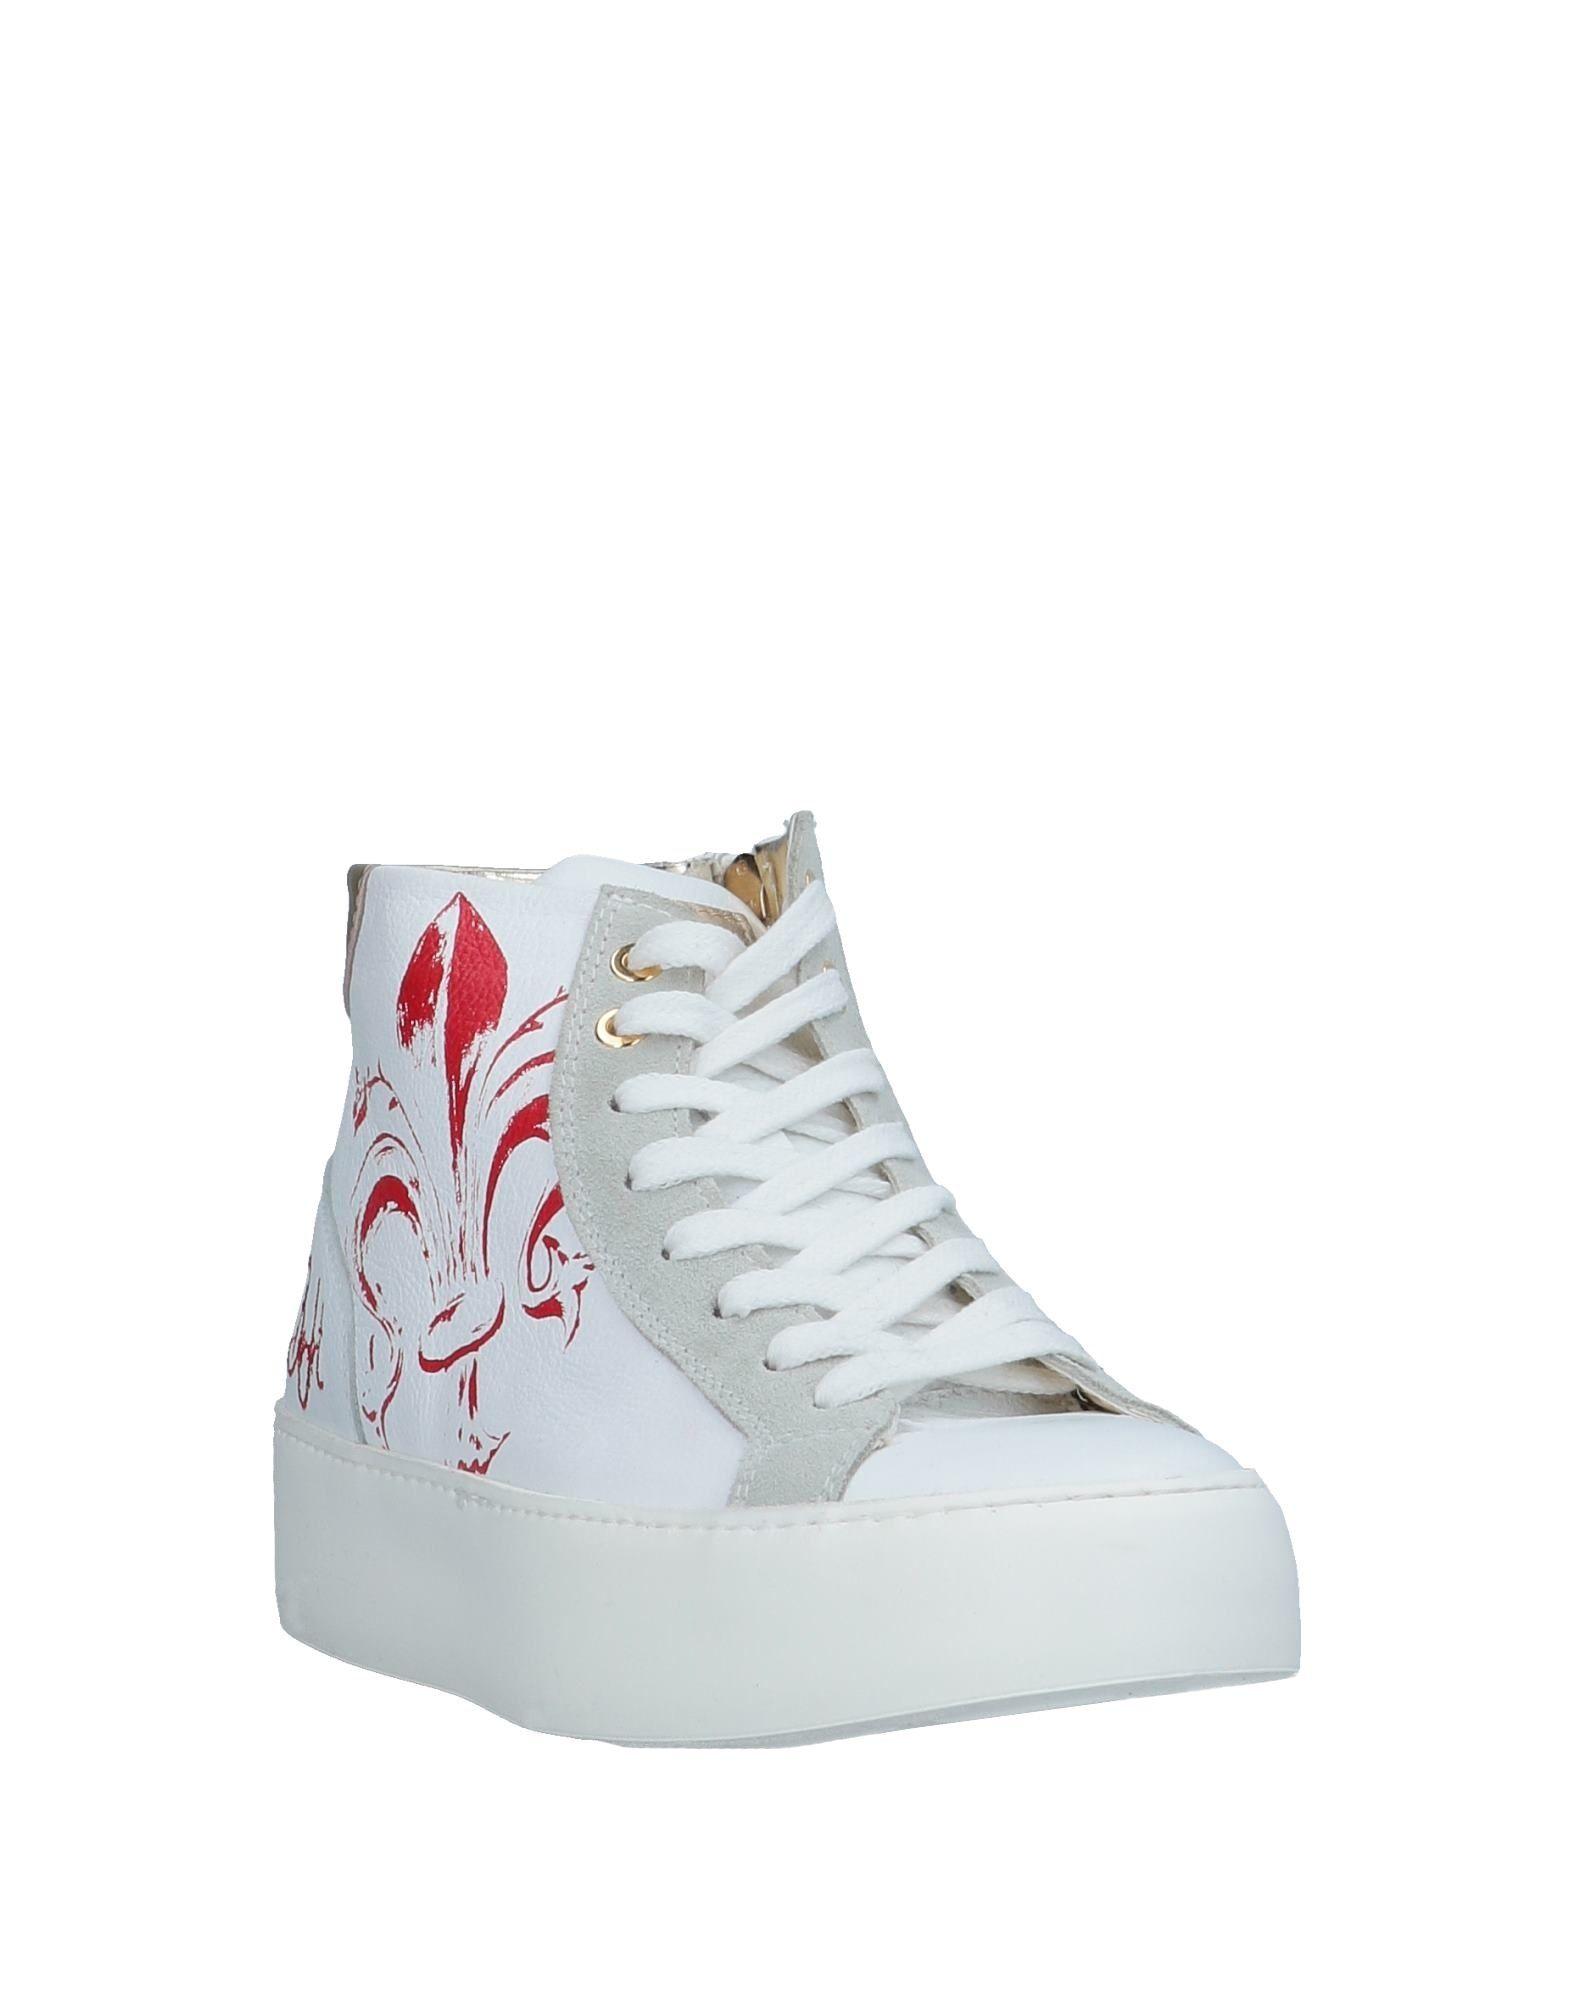 Gut tragenD'Acquasparta um billige Schuhe zu tragenD'Acquasparta Gut Sneakers Damen  11537239VG 7acee6